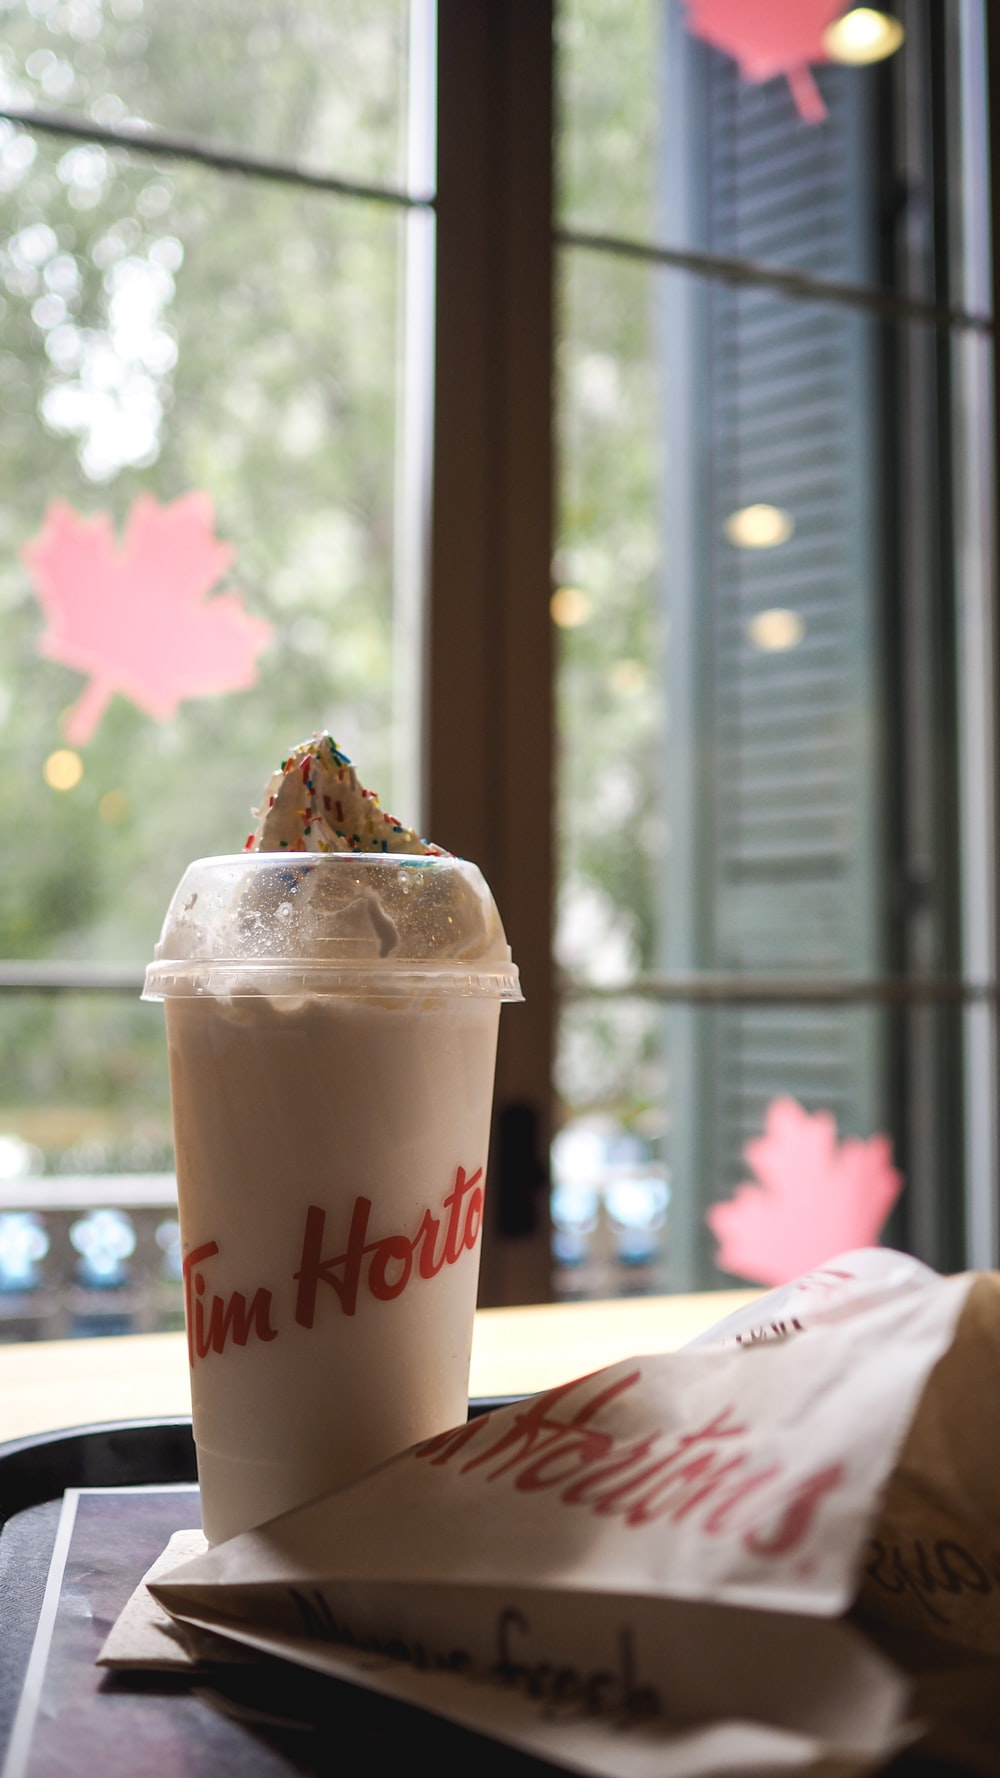 white Tim Horte plastuc cup